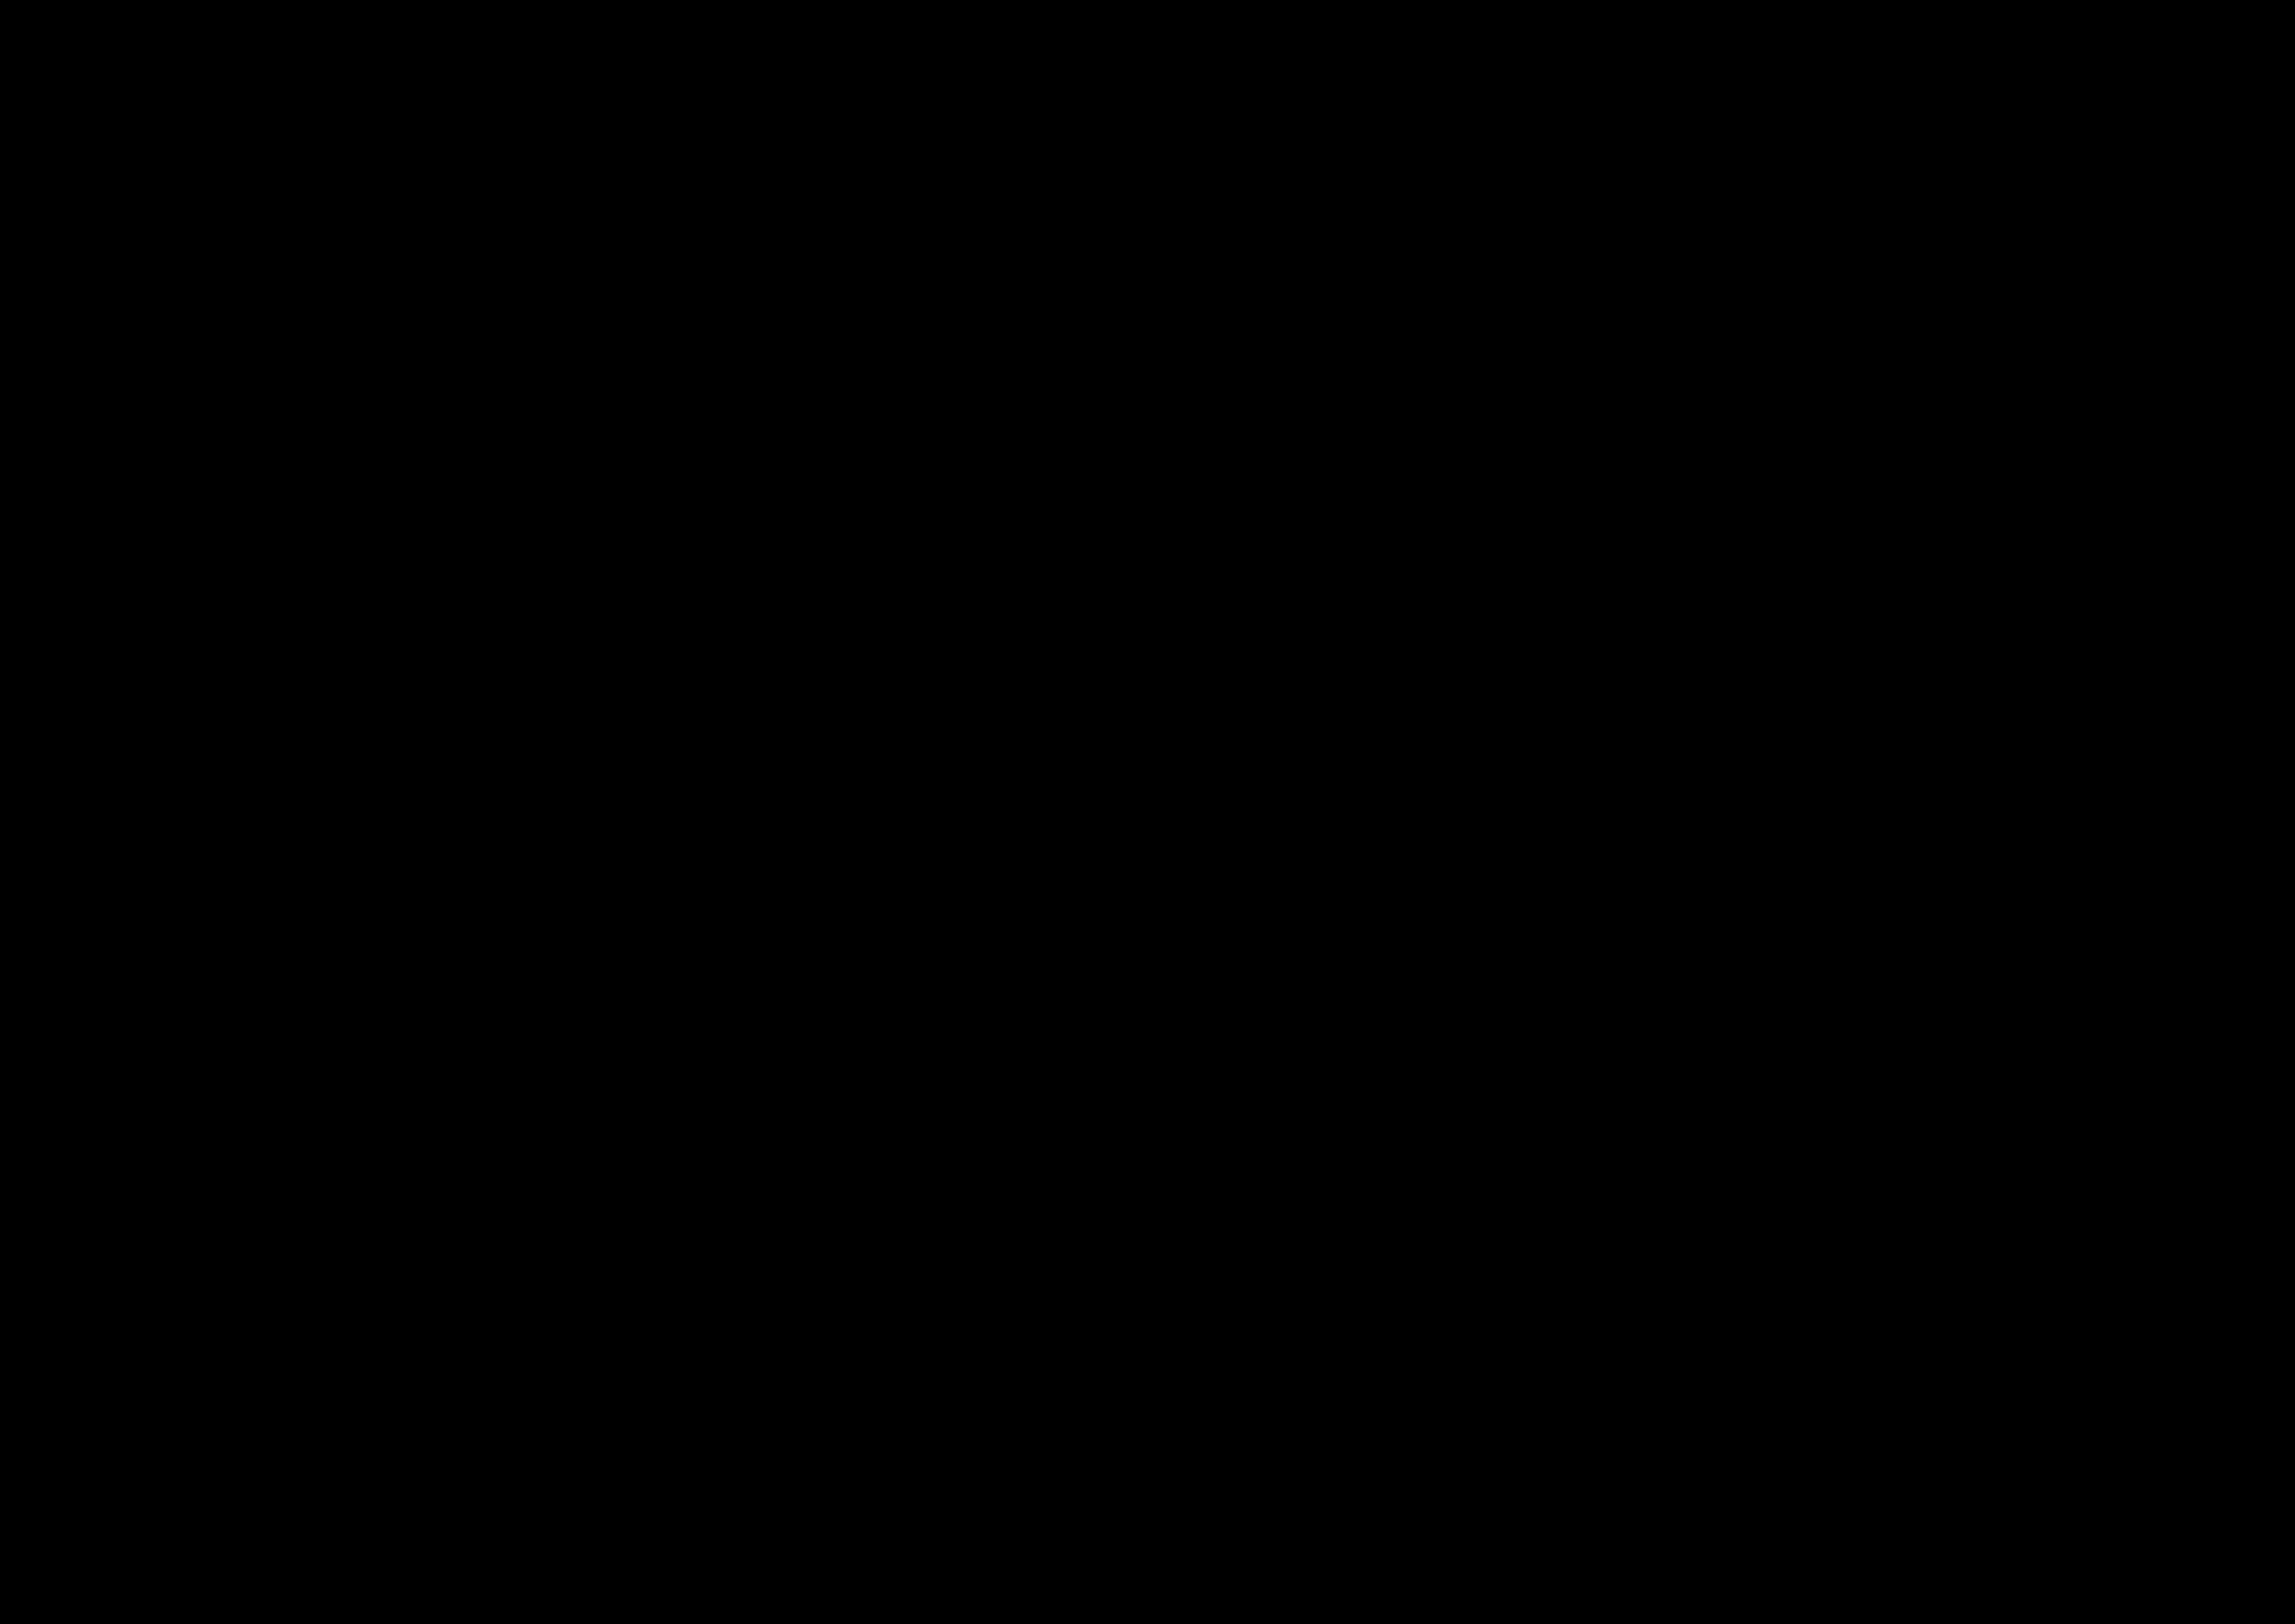 avia s 199 avia continued building messerschmitt bf 109g 6s after